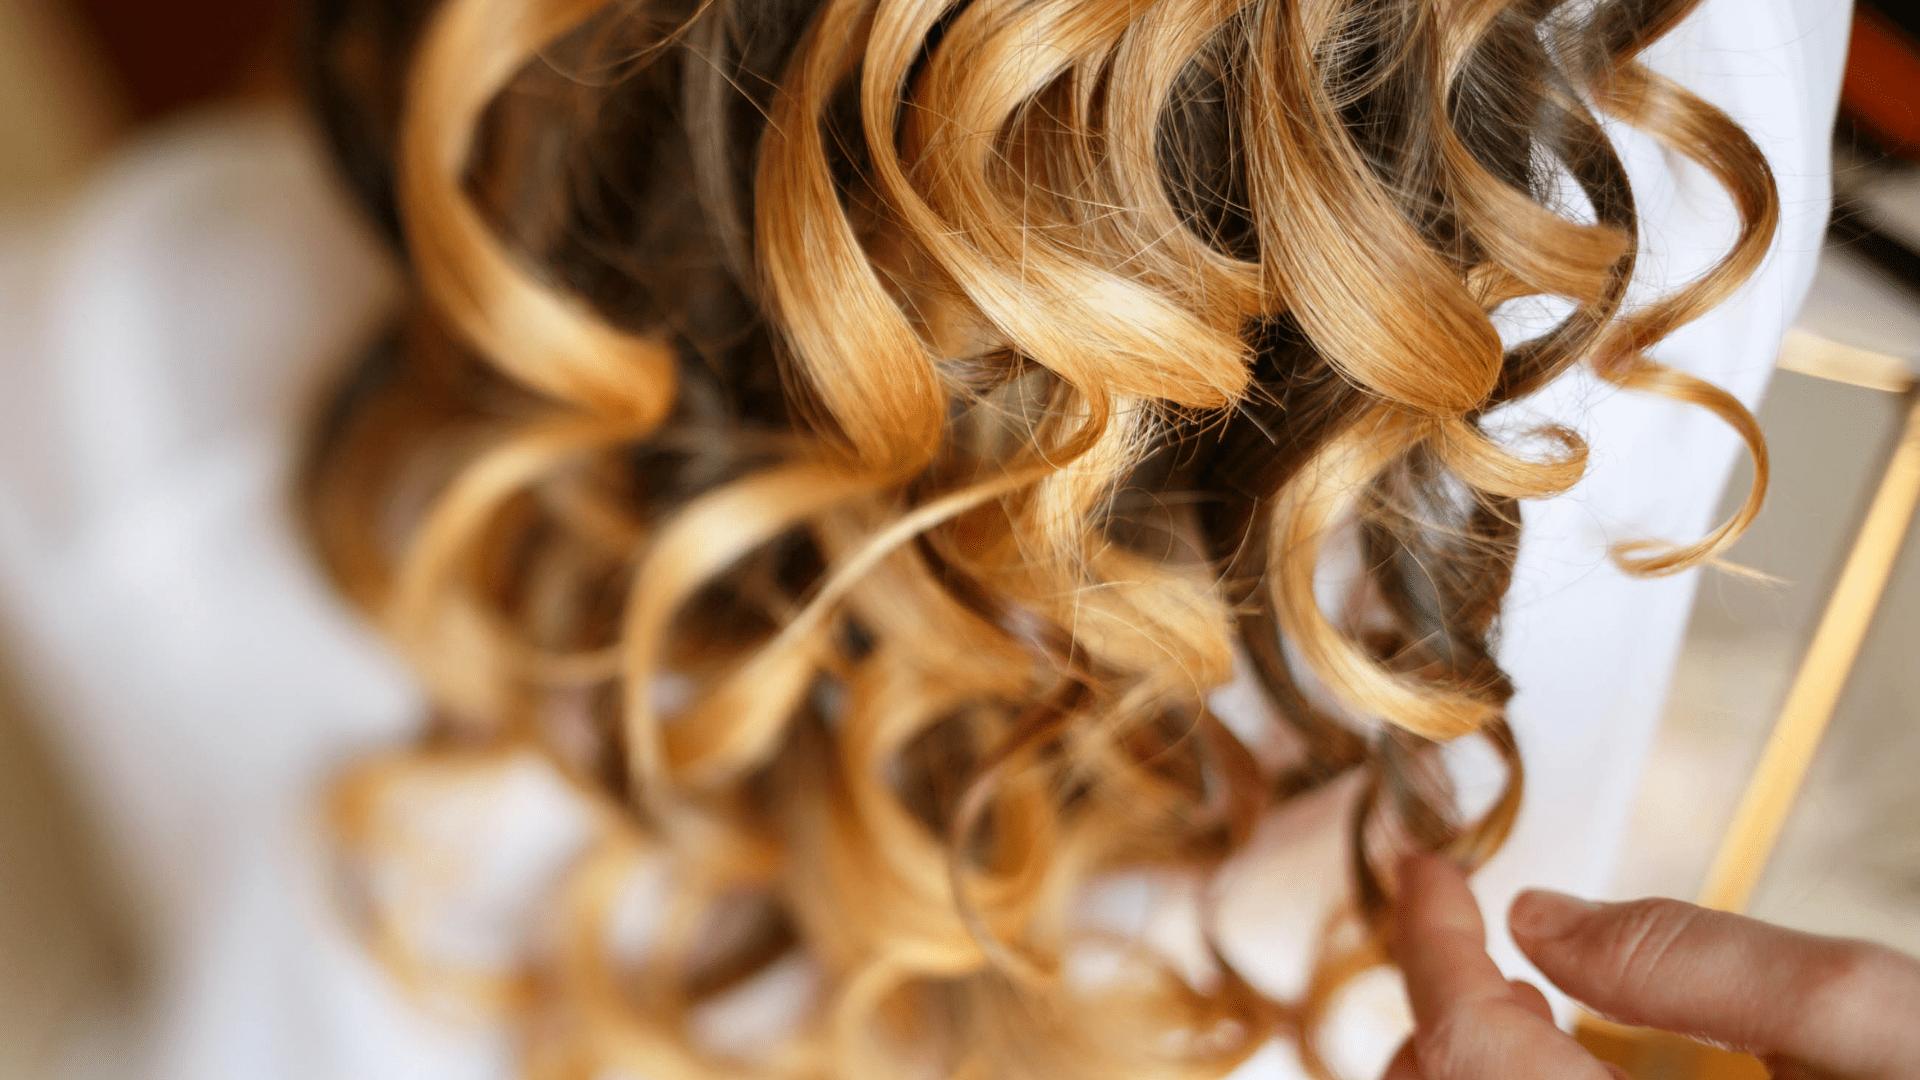 Los 5 mejores trucos para rizarte el pelo sin calor